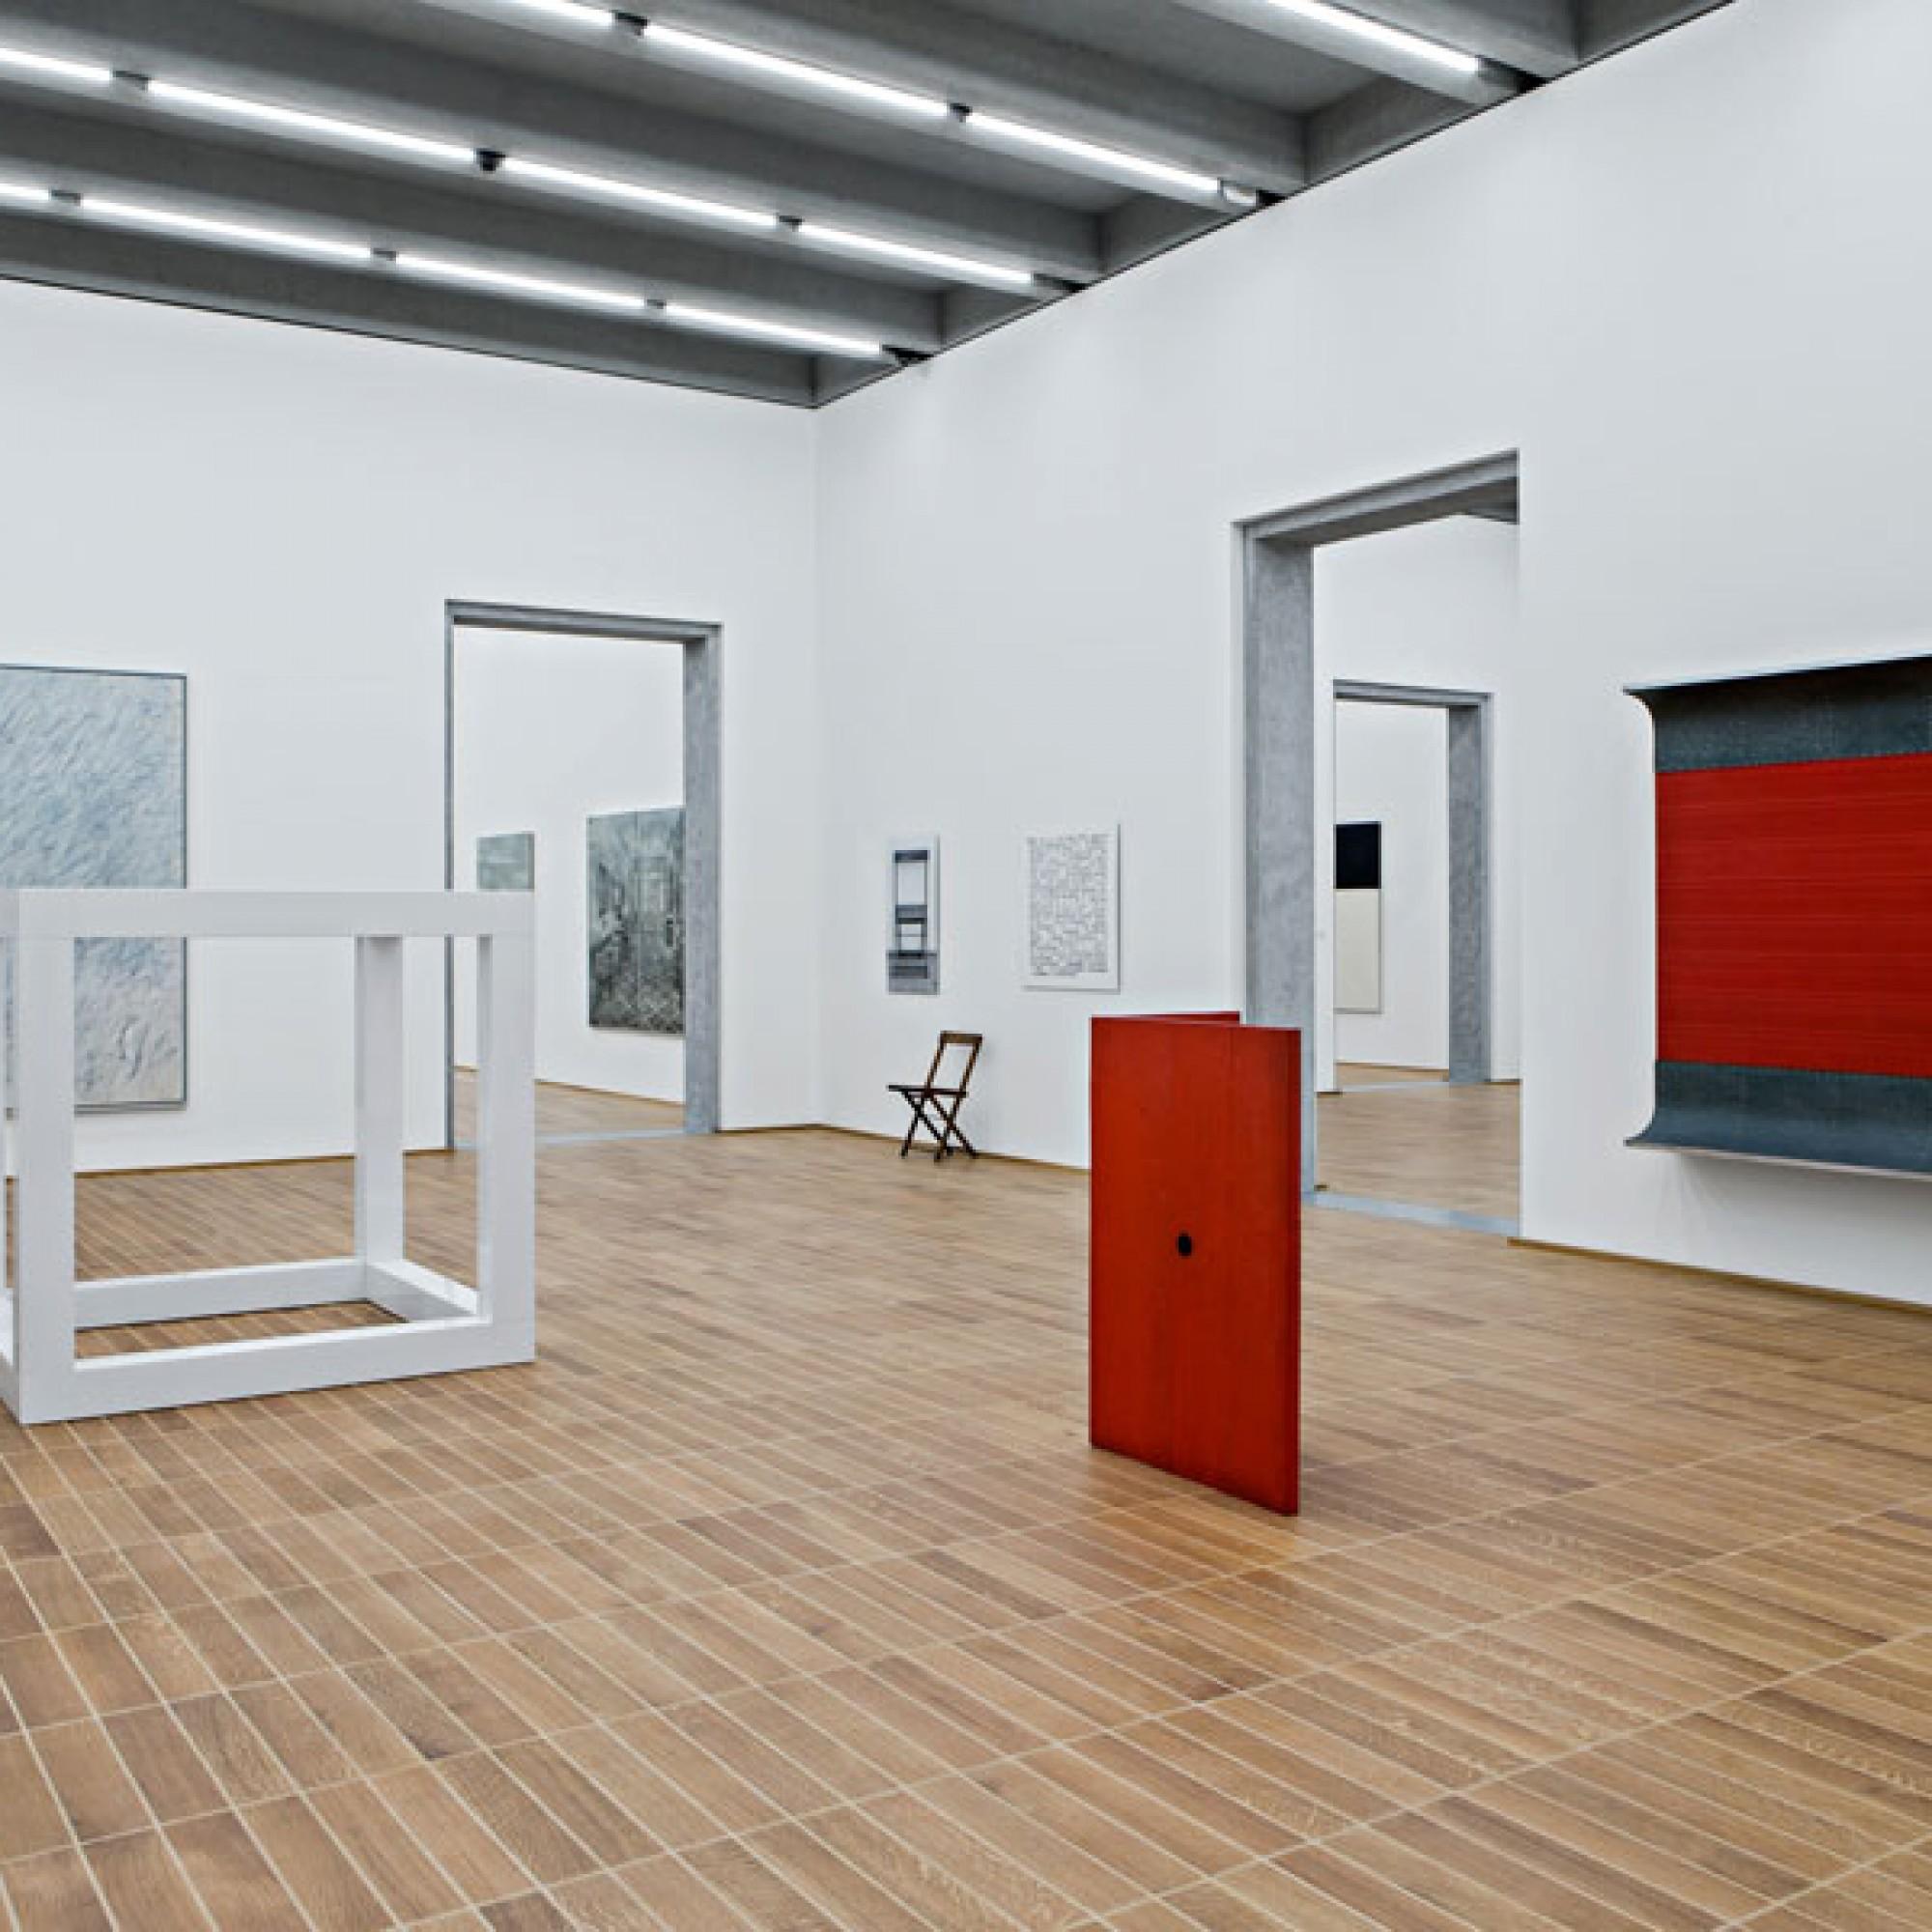 Ausstellung im Kunstmuseums-Erweiterungsbau mit dem umstrittenen Boden (Kunstmuseum Basel, Gina Folly)